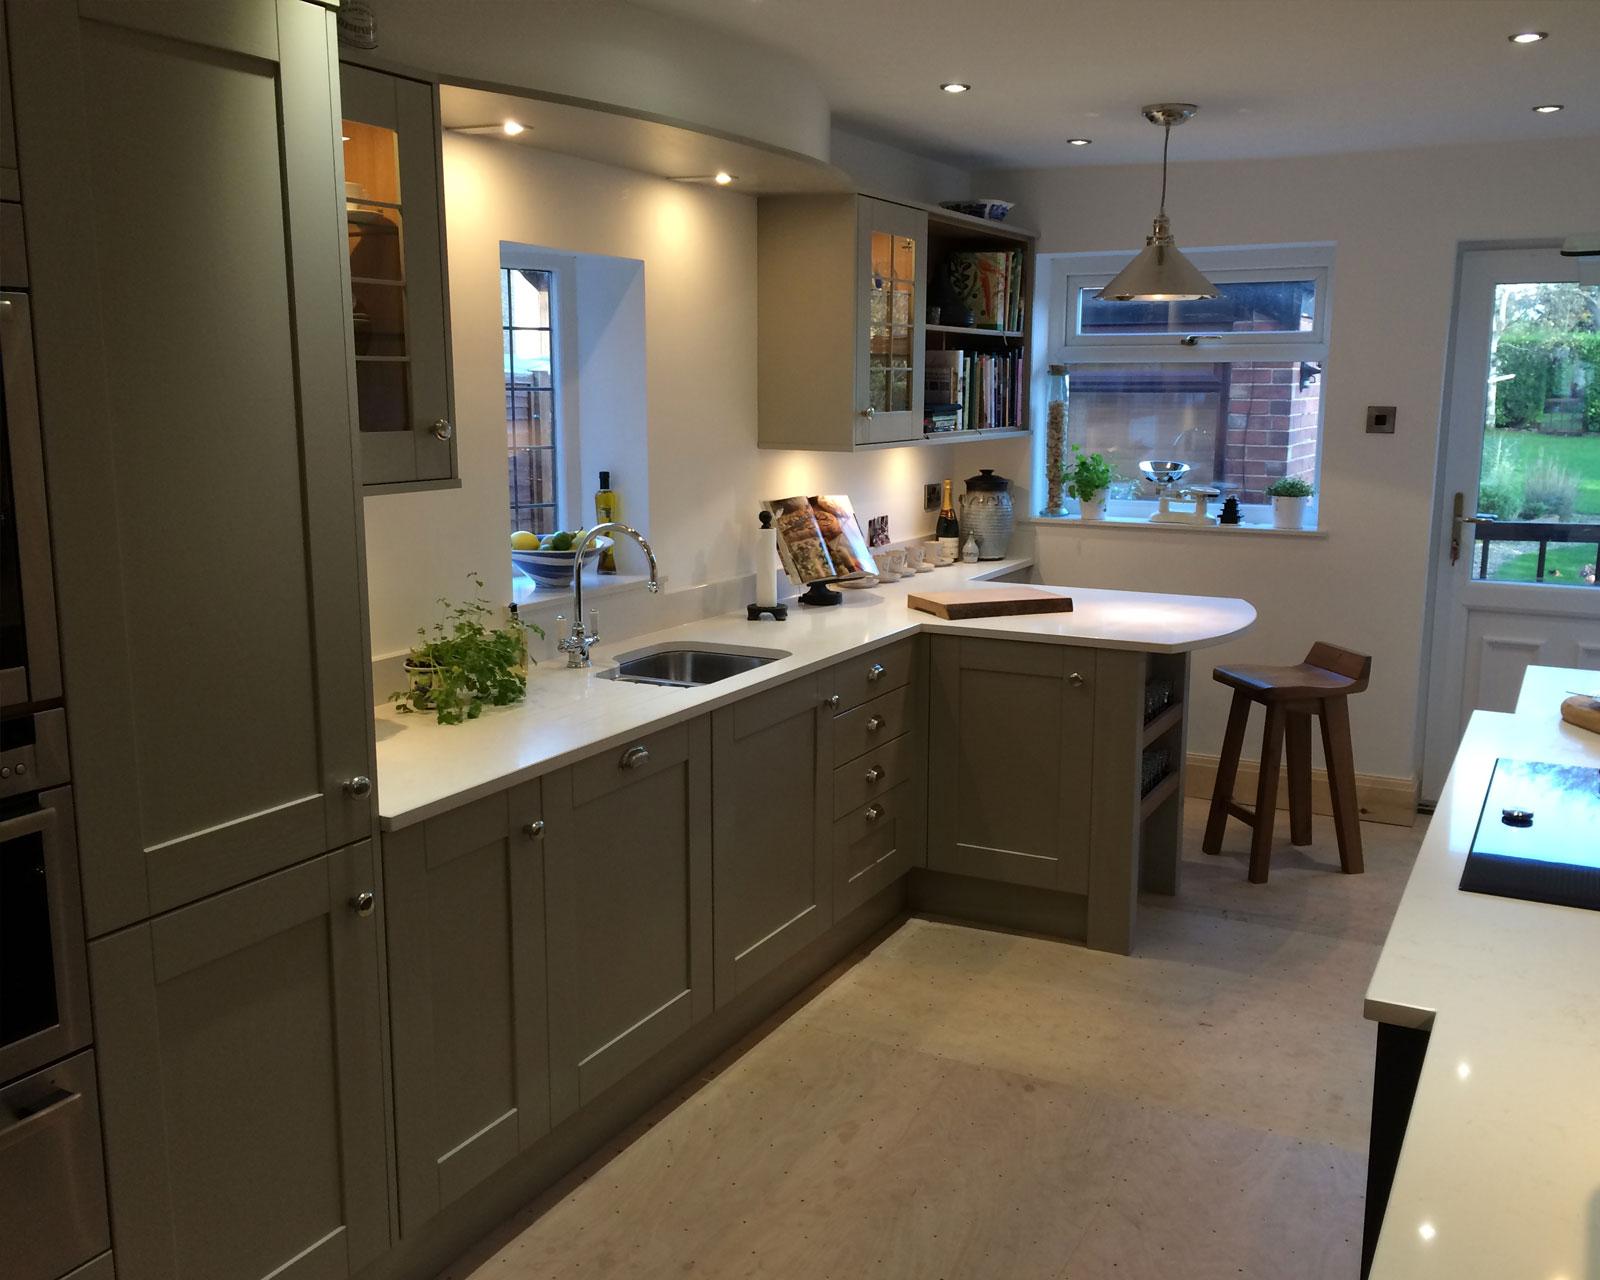 Temple Newsham Fitted Kitchen